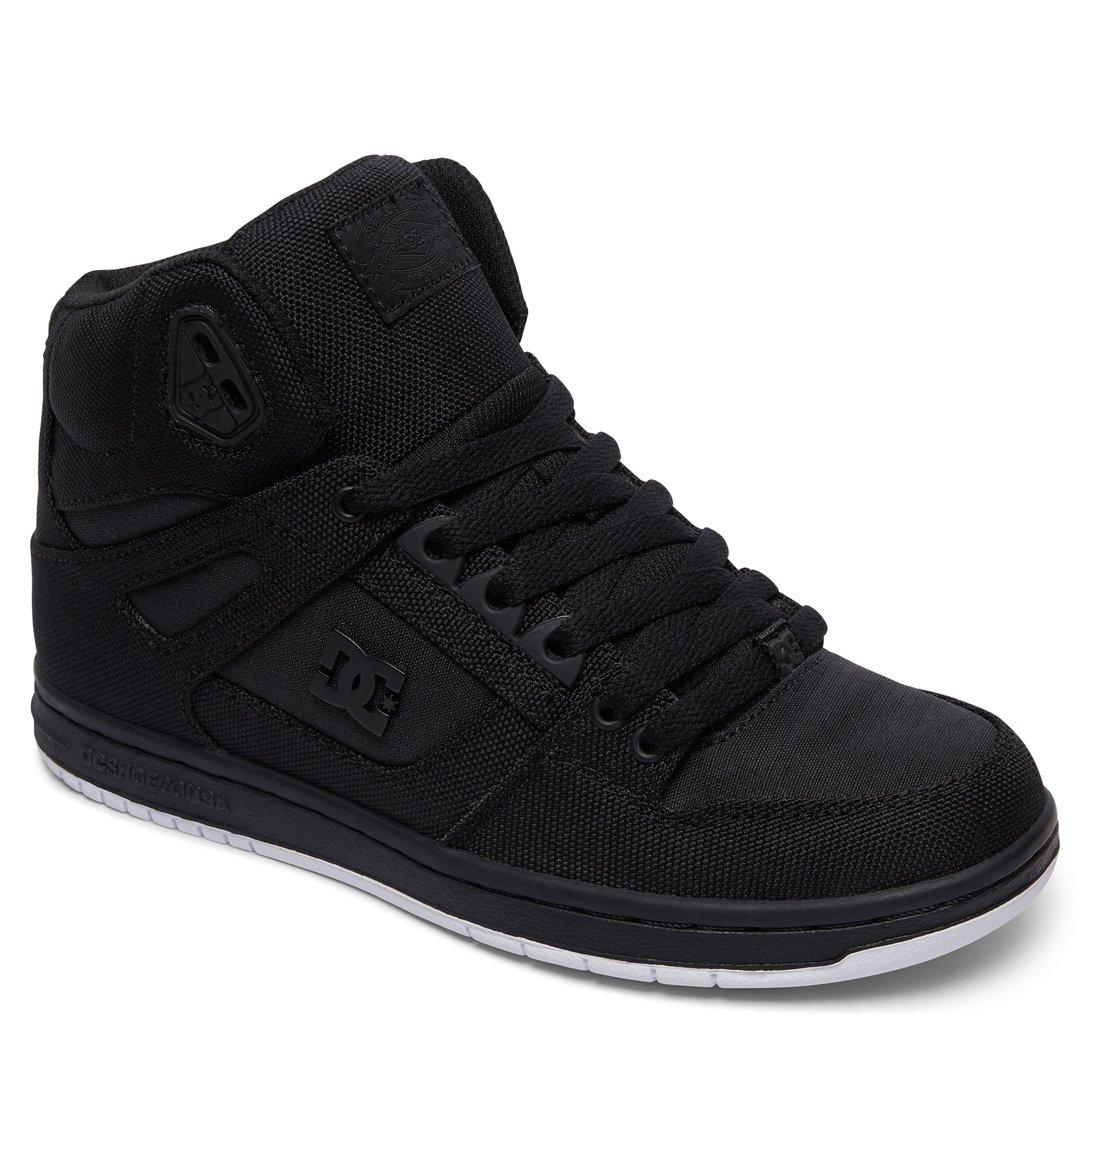 DC Shoes Men's Pure SE Low Top Shoes Black 8.5 2qY7j3vLY